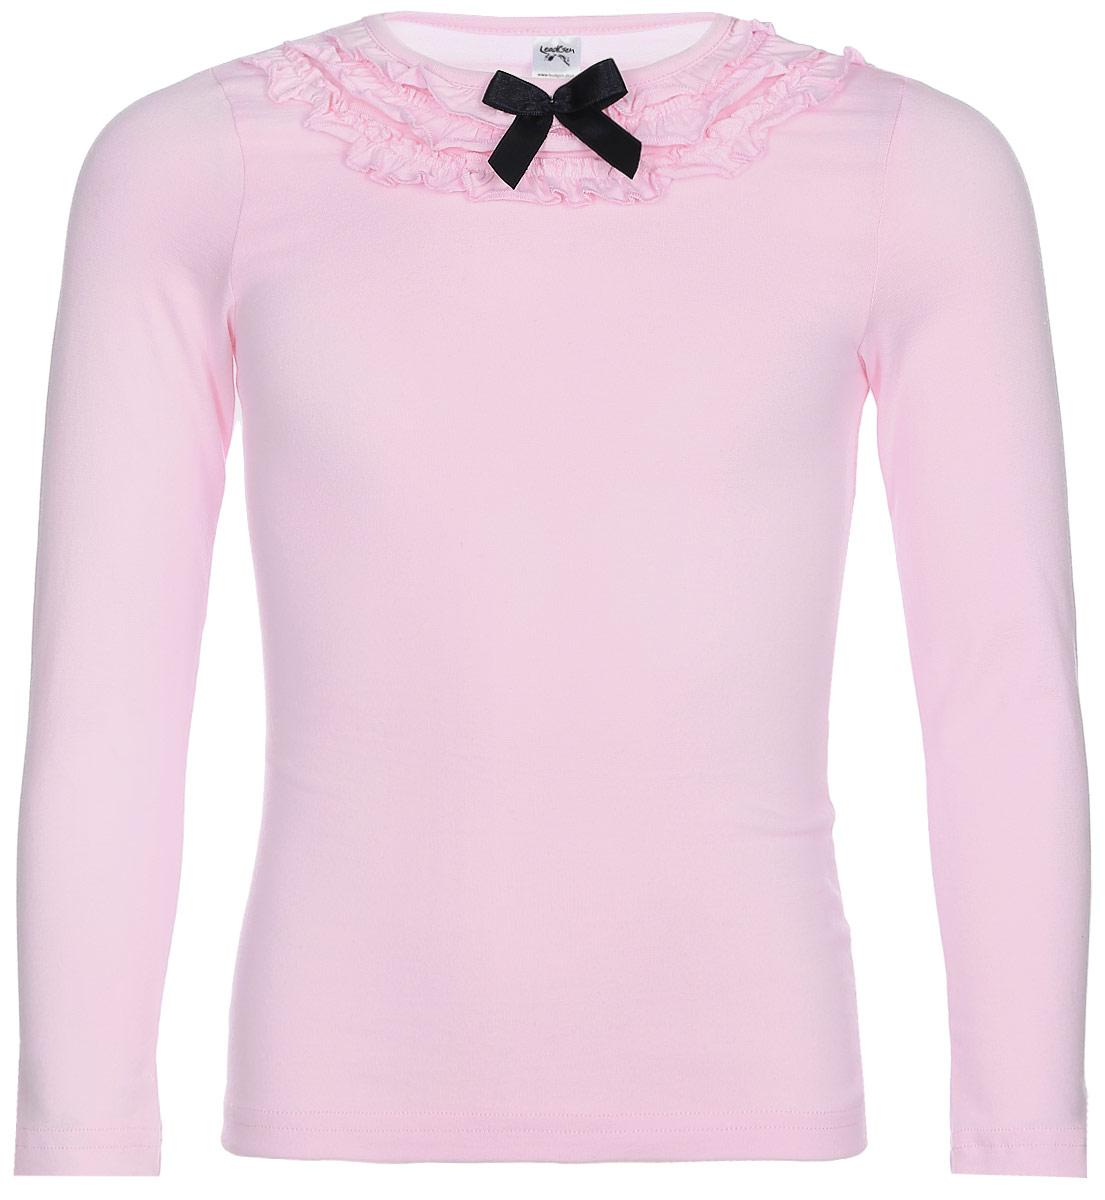 Джемпер для девочки LeadGen, цвет: розовый. G980008716-172. Размер 152G980008716-172Джемпер для девочки LeadGen выполнен из эластичного хлопкового трикотажа. Модель с длинными рукавами и круглым вырезом горловины. Вырез горловины декорирован рюшами и контрастным бантиком.